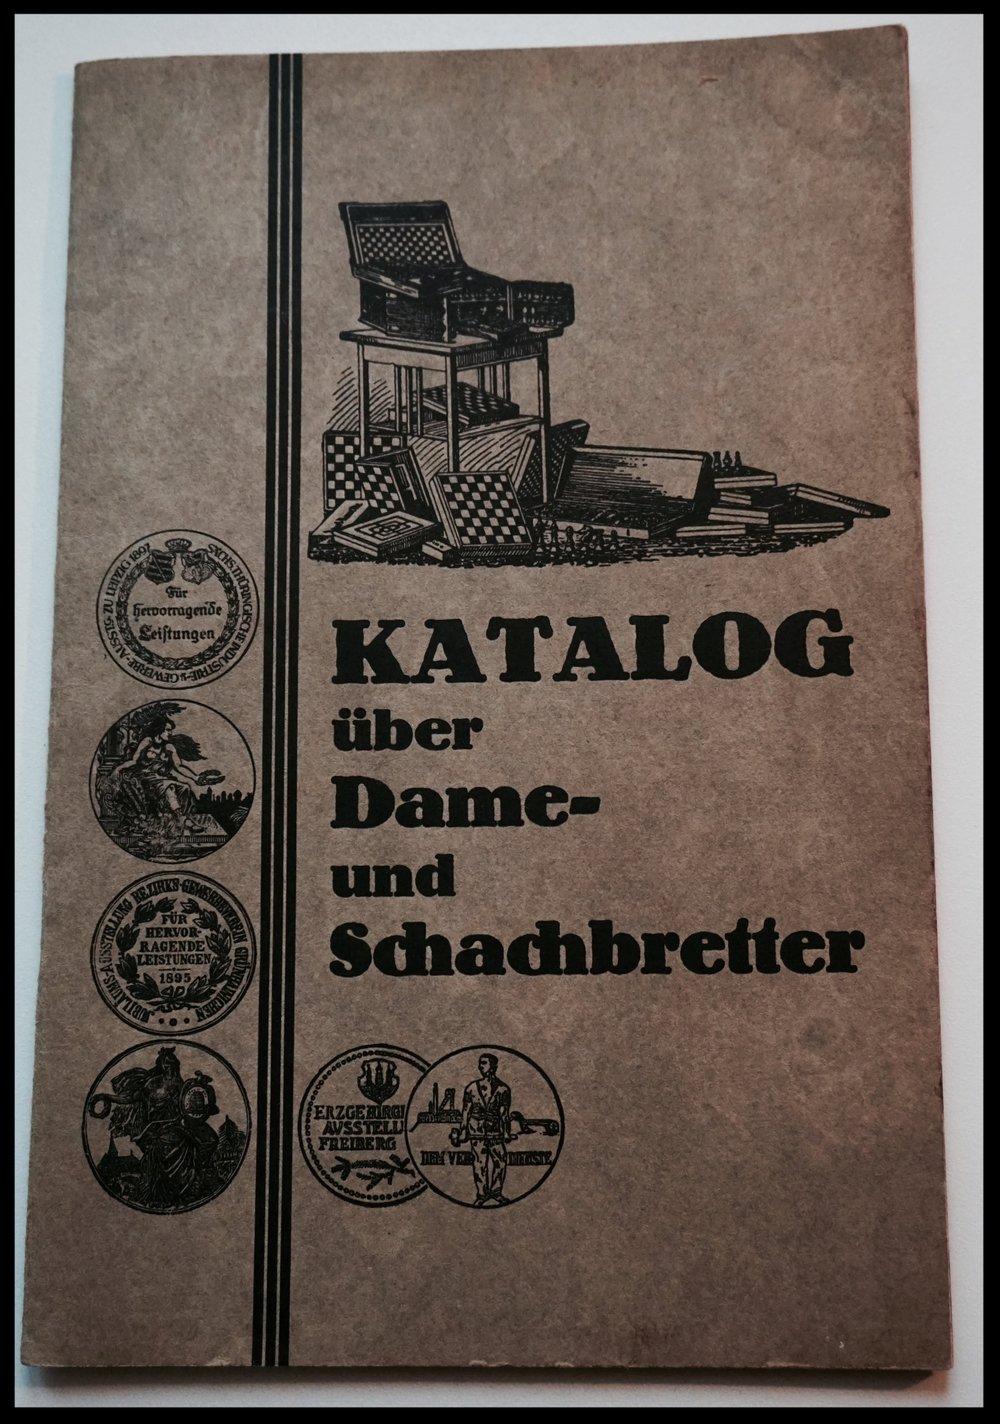 Katalog über Dame- und Schachbretter, Uhlig um 1915